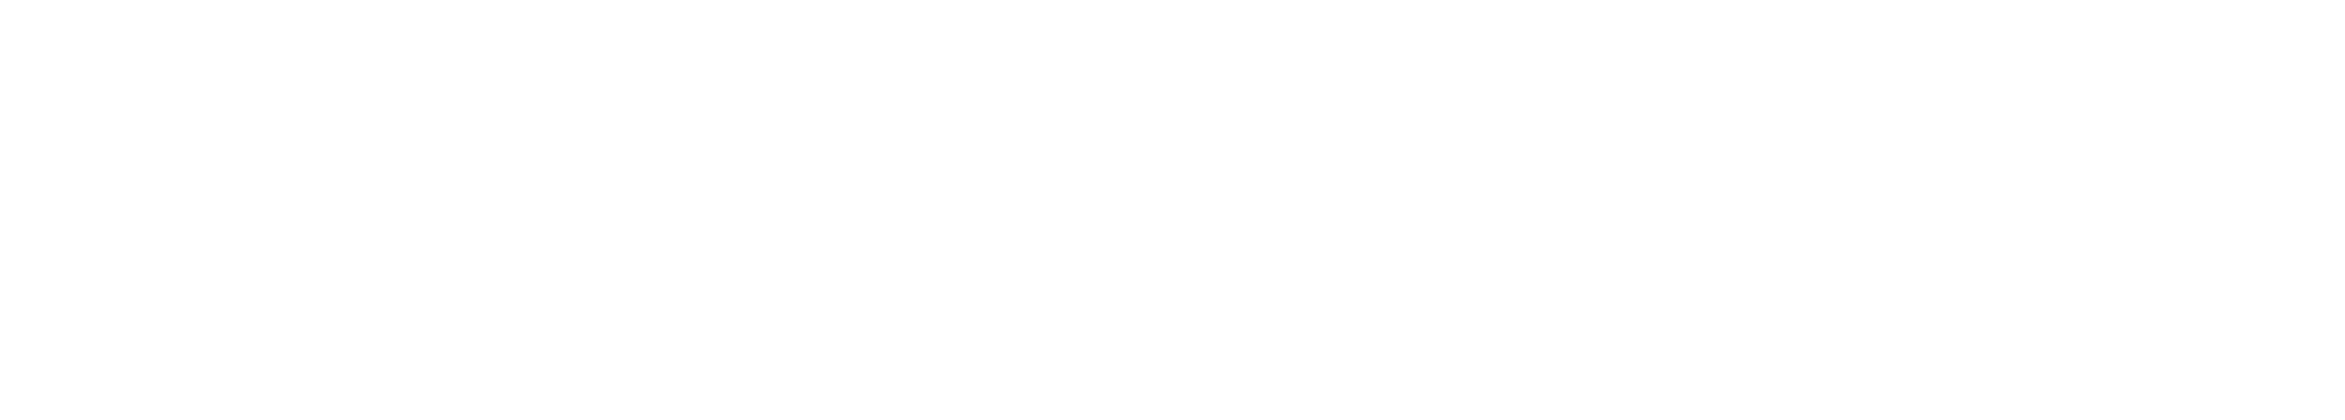 株式会社Platzmark | ホームページ メディア運営 Webシステム・アプリケーションの開発運用 SEO